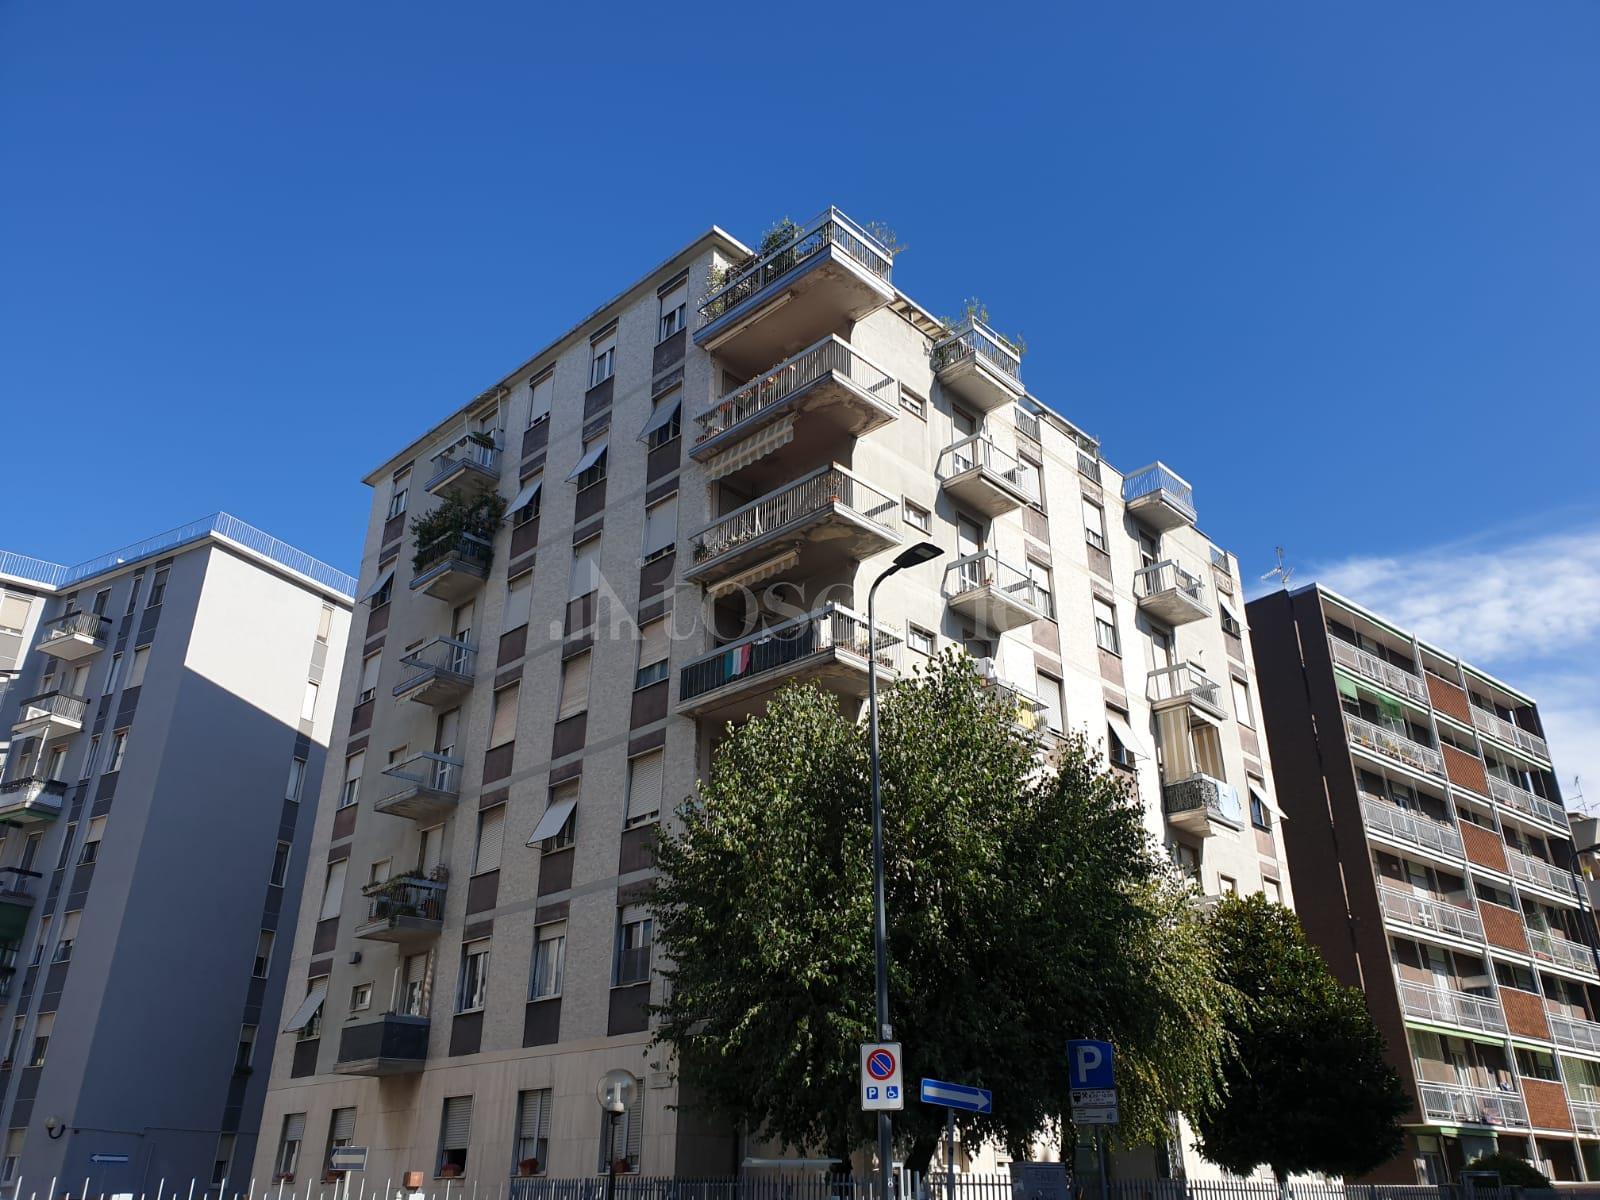 Casa in vendita di 45 mq a €132.000 (rif. 37/2020)